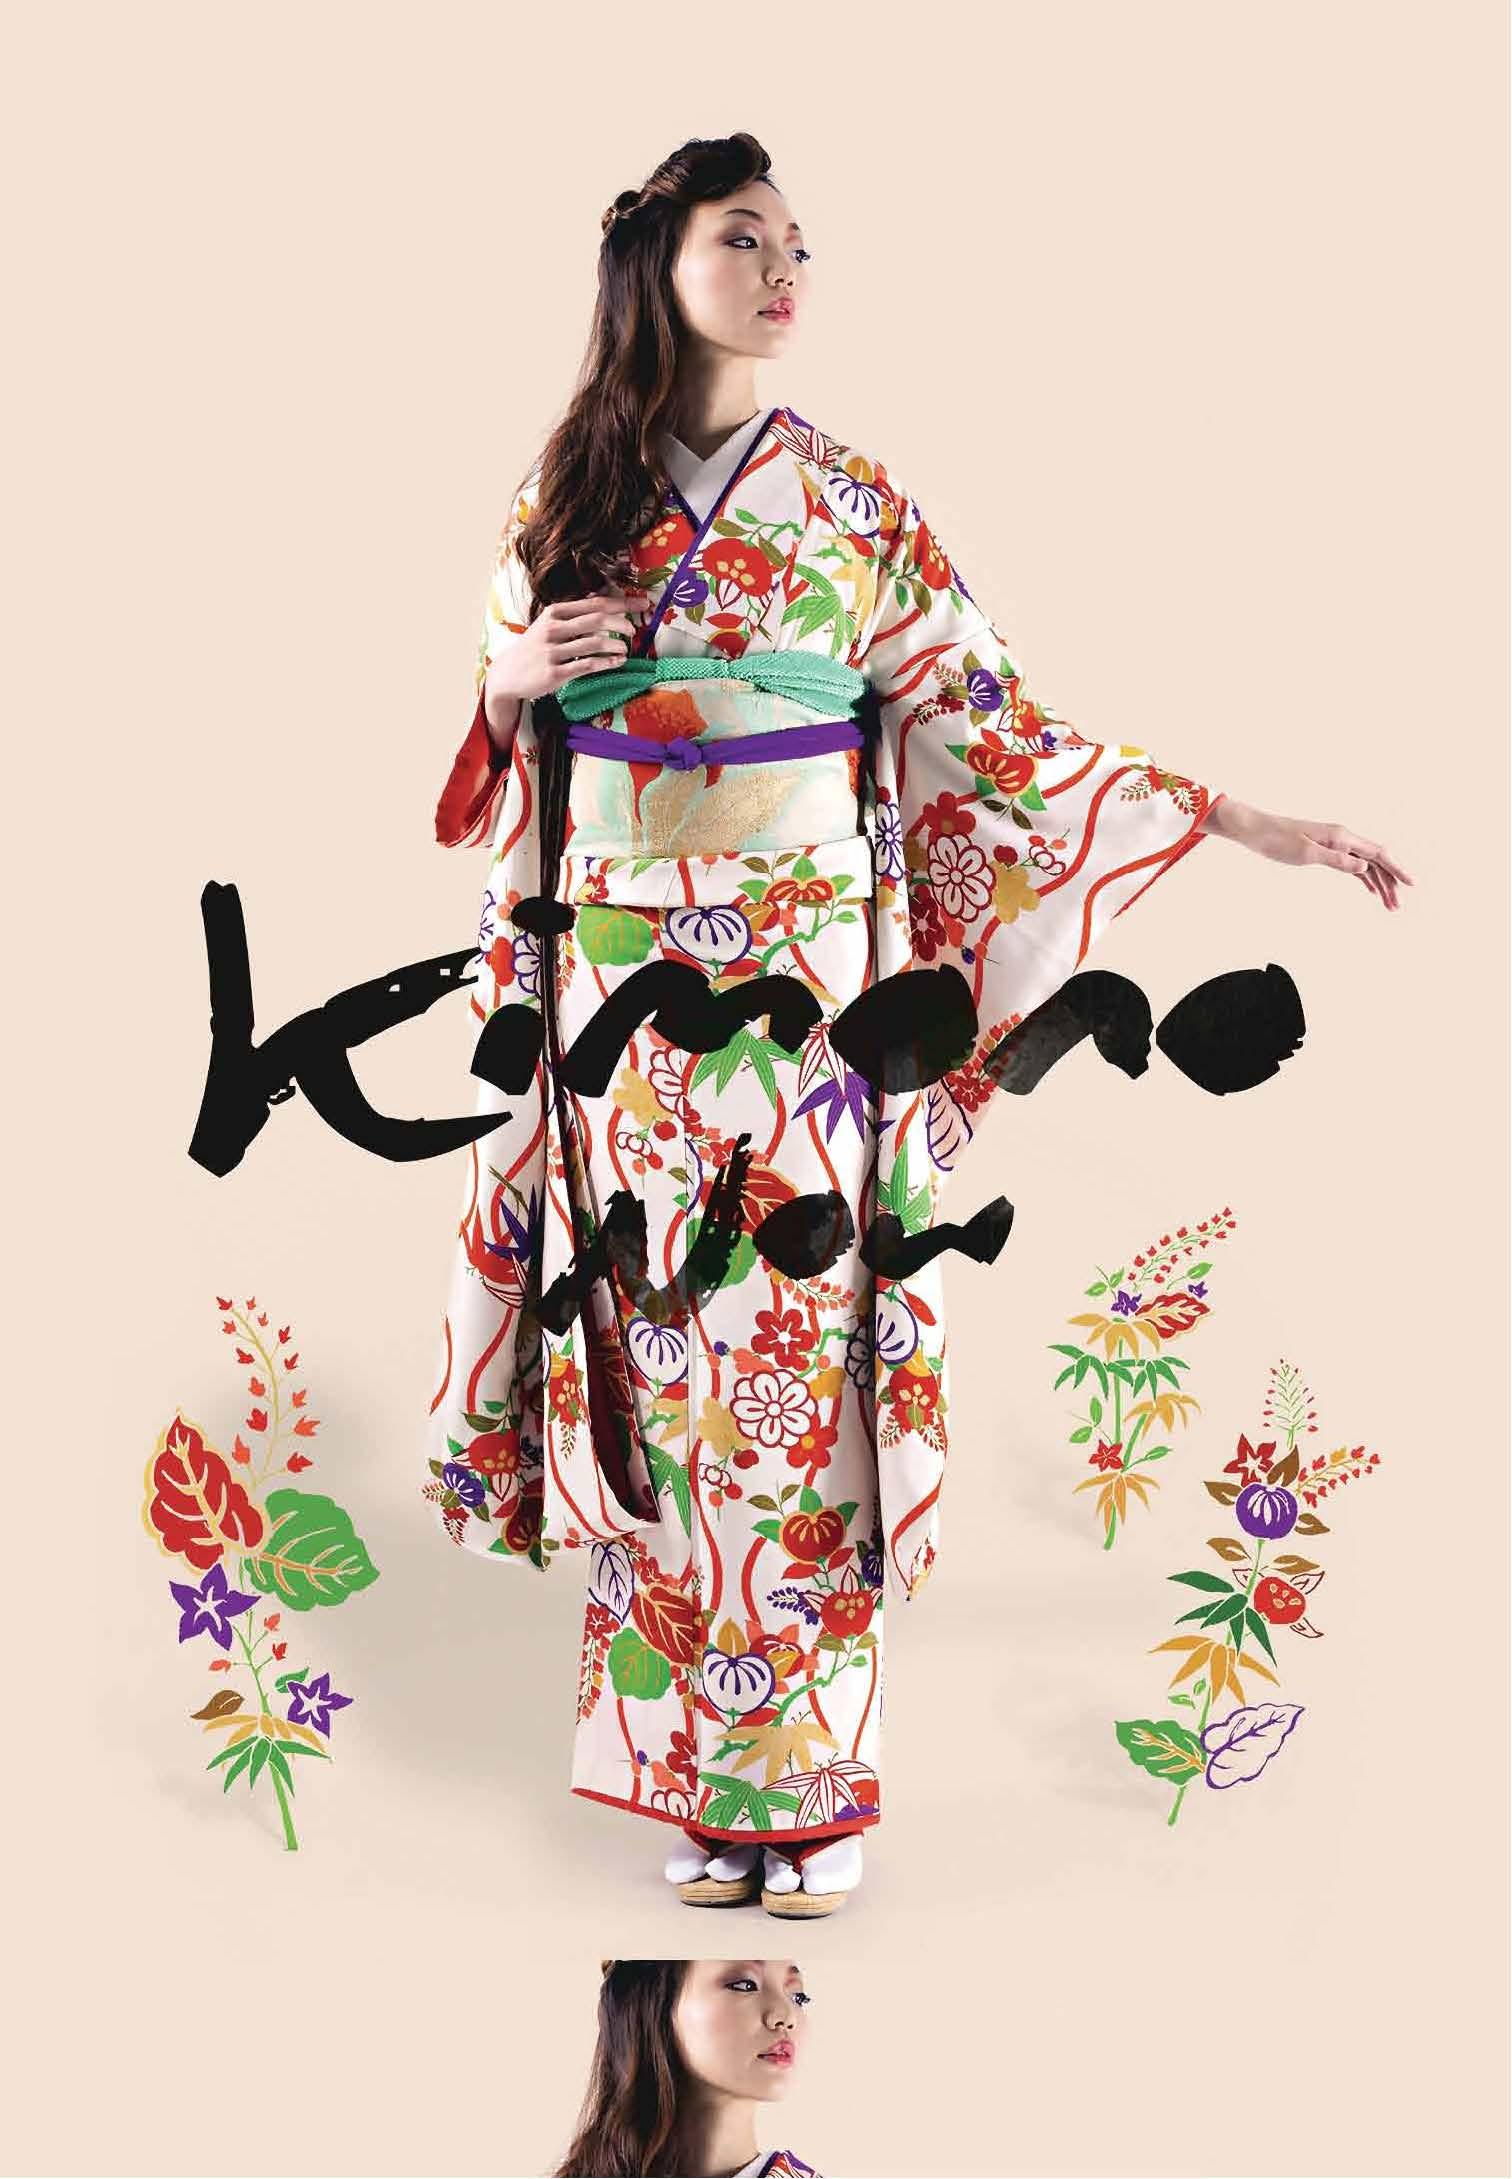 Kimono Now - April 2015